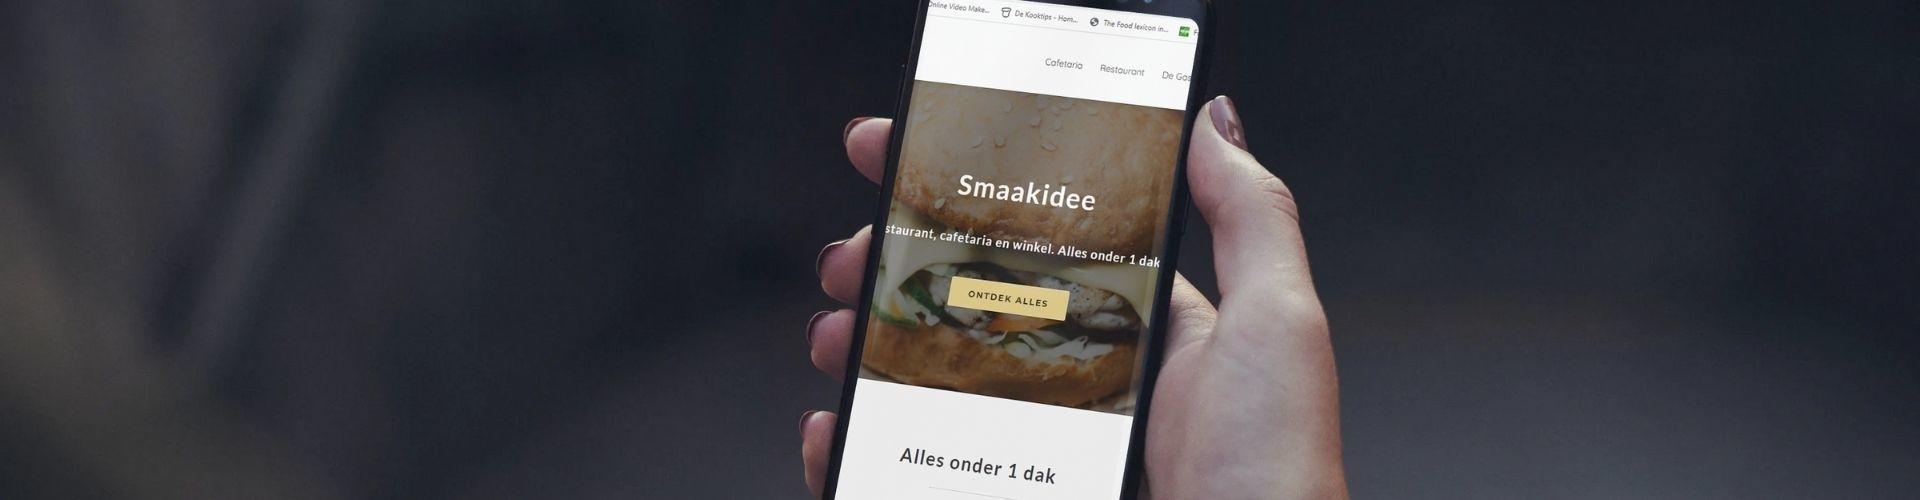 Smaakidee online bestellen